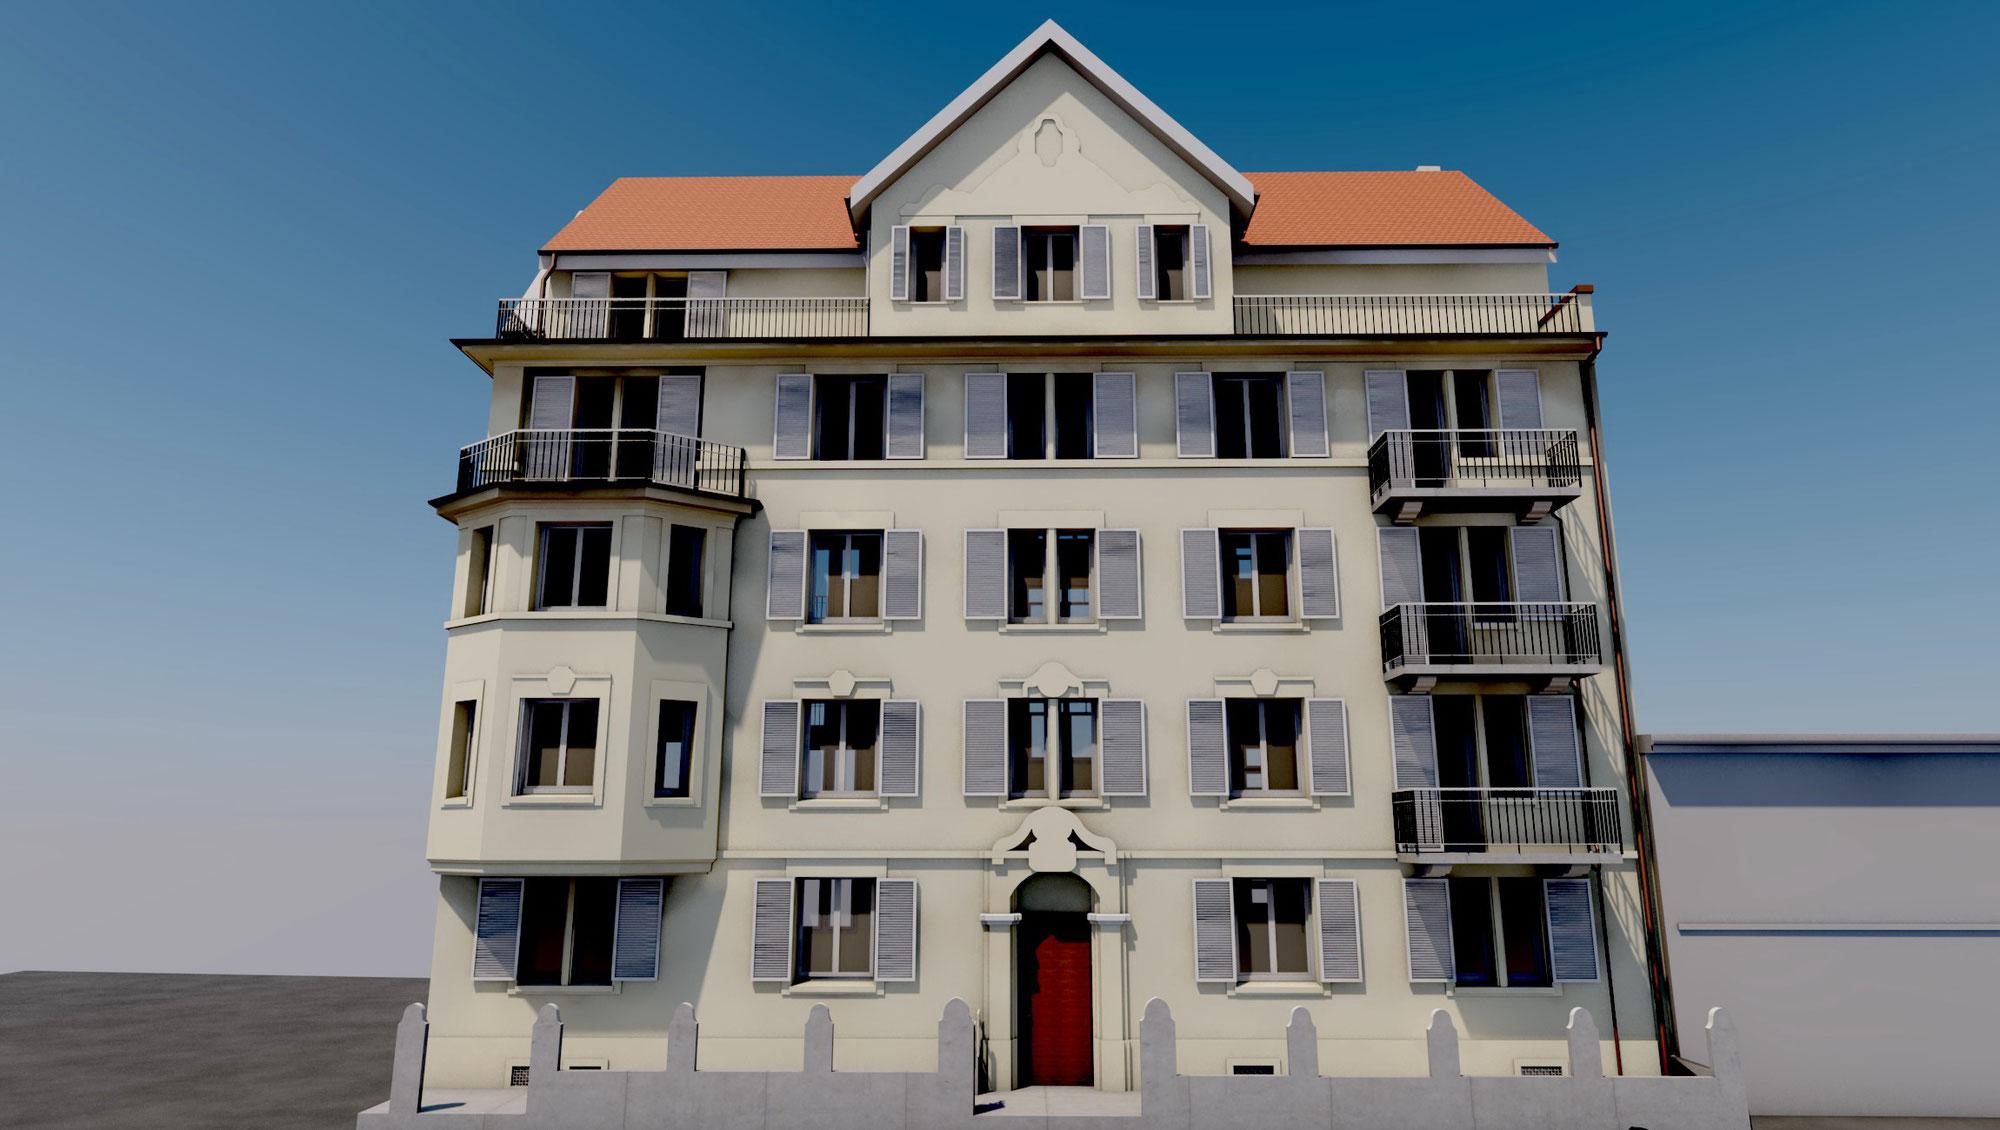 Detailreiches Mehrfamilienhaus